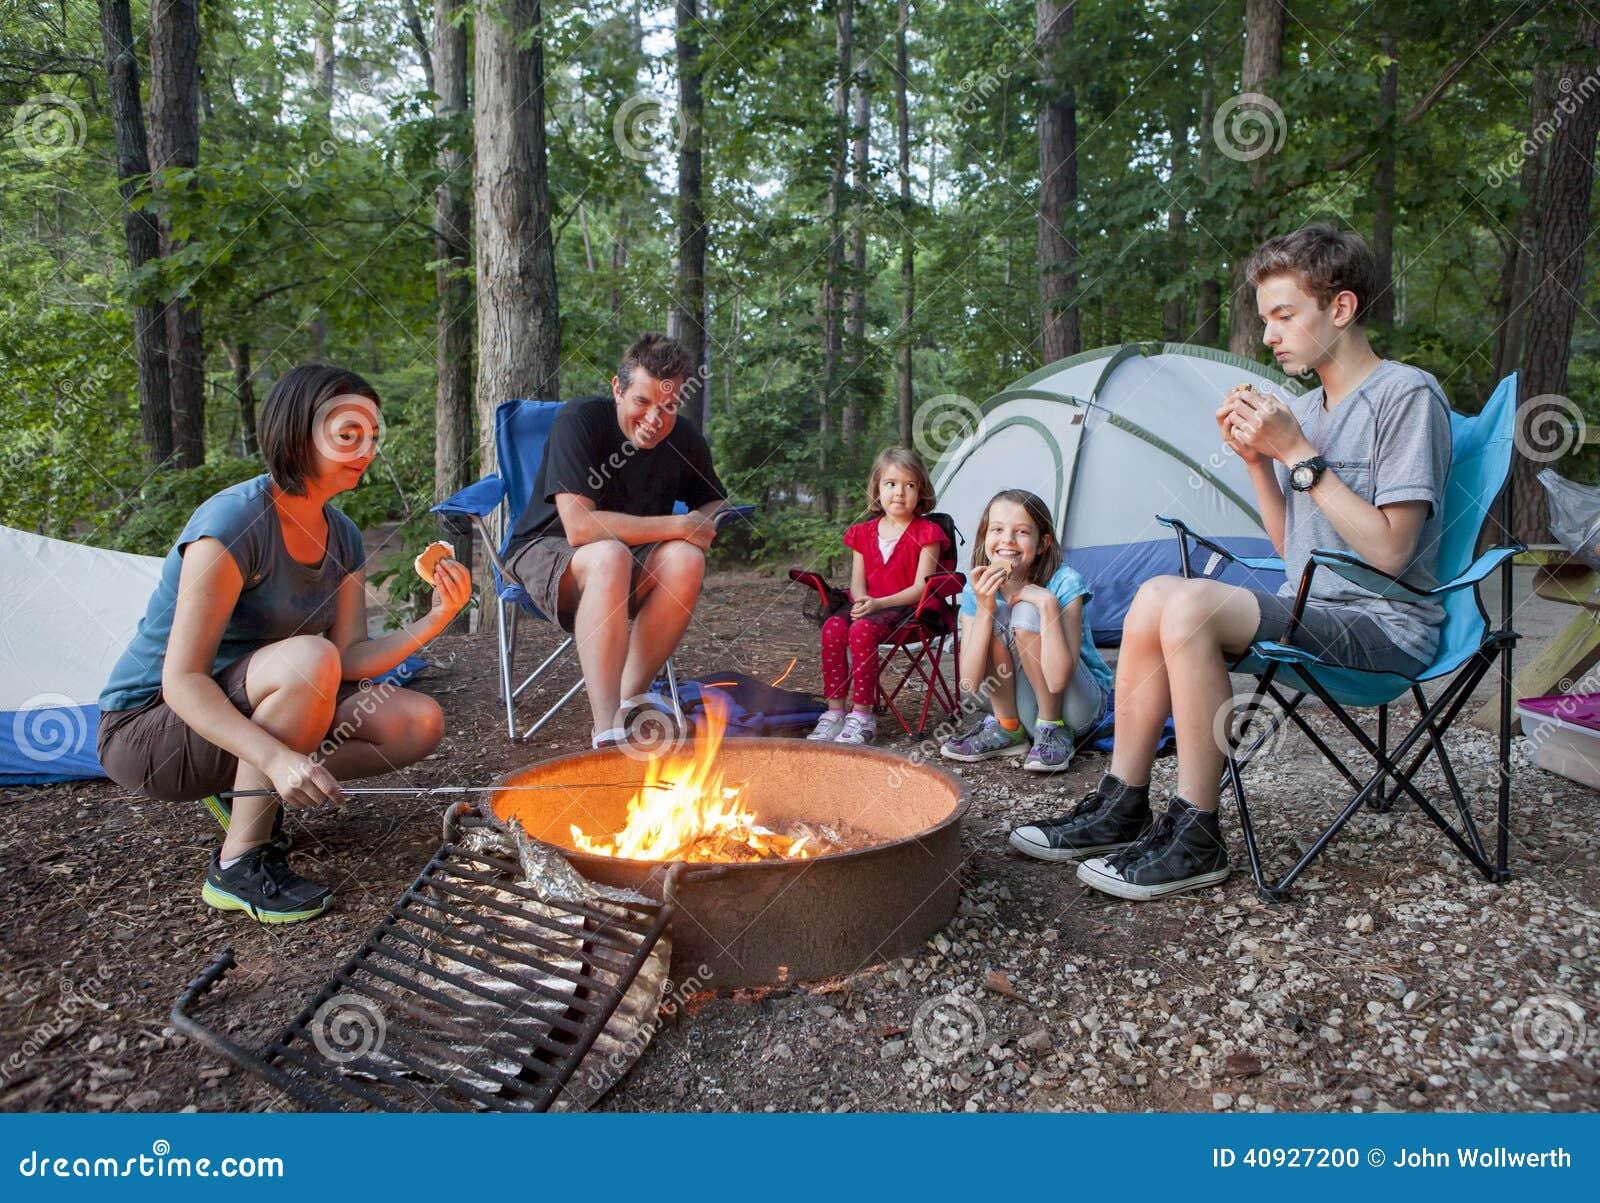 Располагаться лагерем семьи из пяти человек